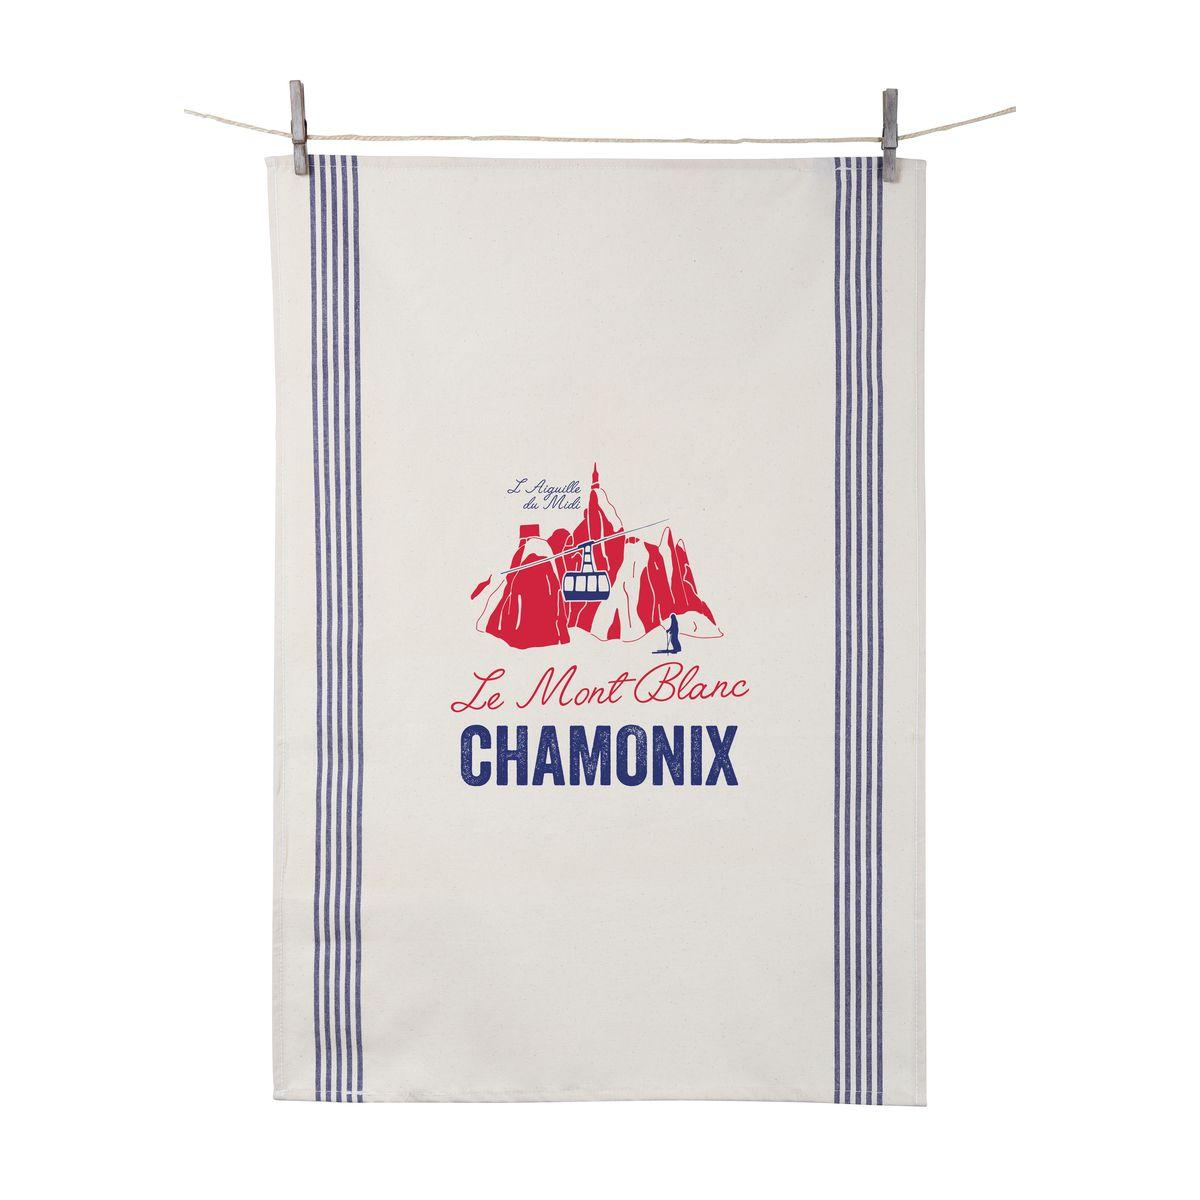 Torchon Le Mont Blanc Chamonix 55x80 cm 100% coton - Tissage de L´Ouest